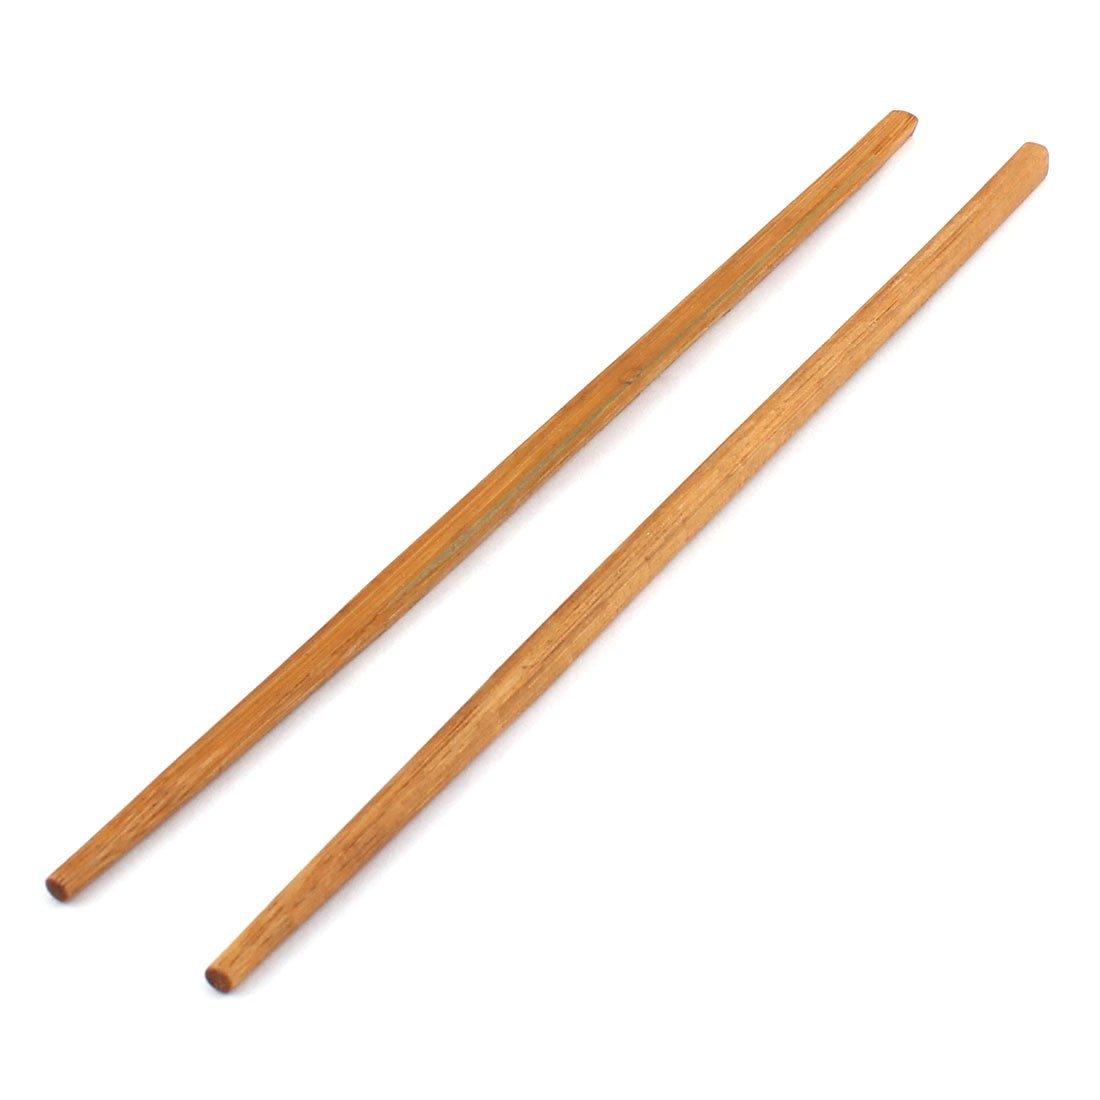 Chinesische Bambus Stäbchen Reishunger 1 Paar edle Essstäbchen 24cm Dunkel